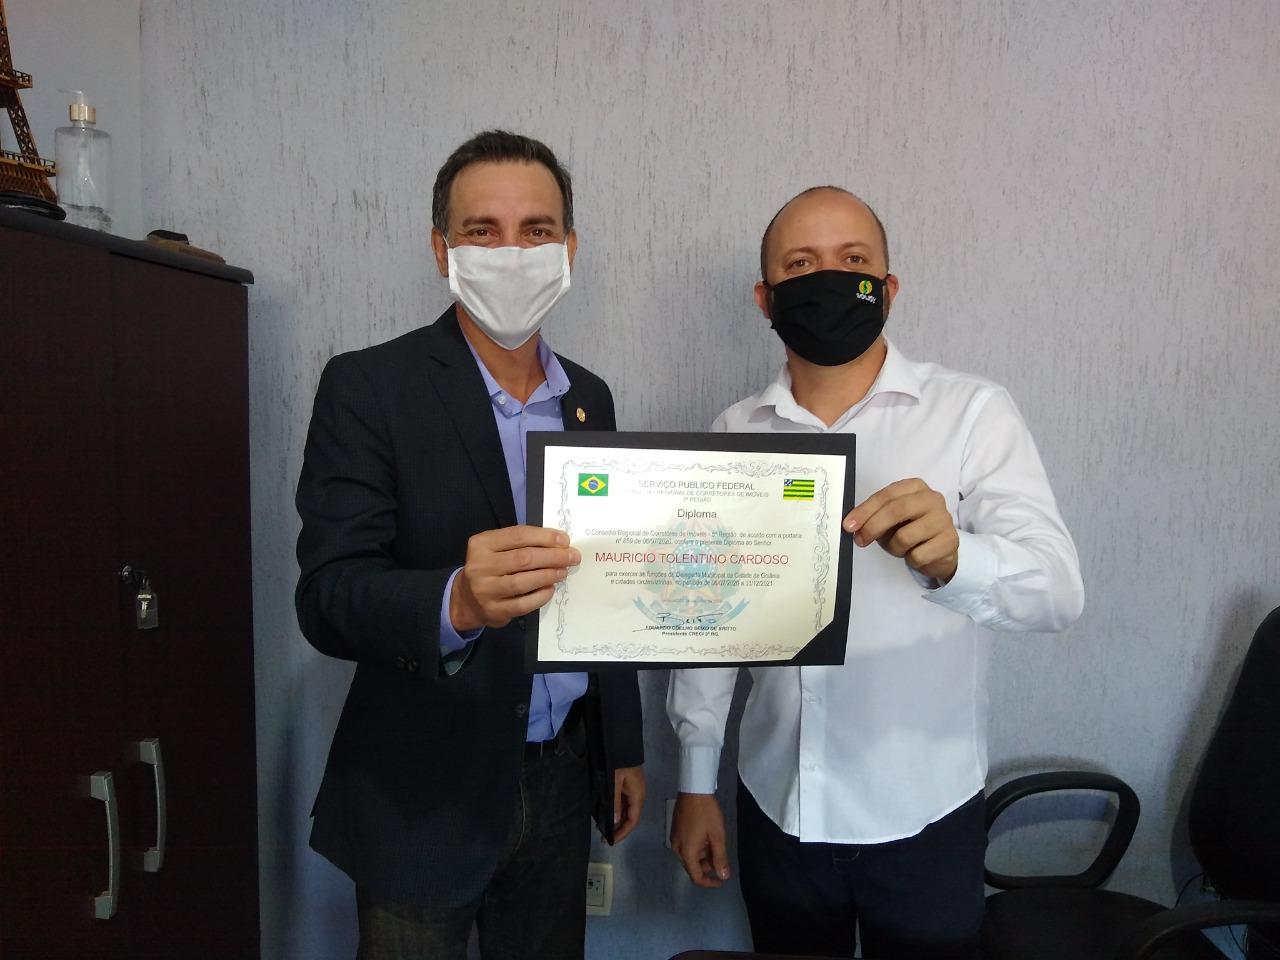 CRECI-GO empossa novo Delegado em Goiânia | CRECI-GO/ Conselho Regional de Corretores de Imóveis de Goiás